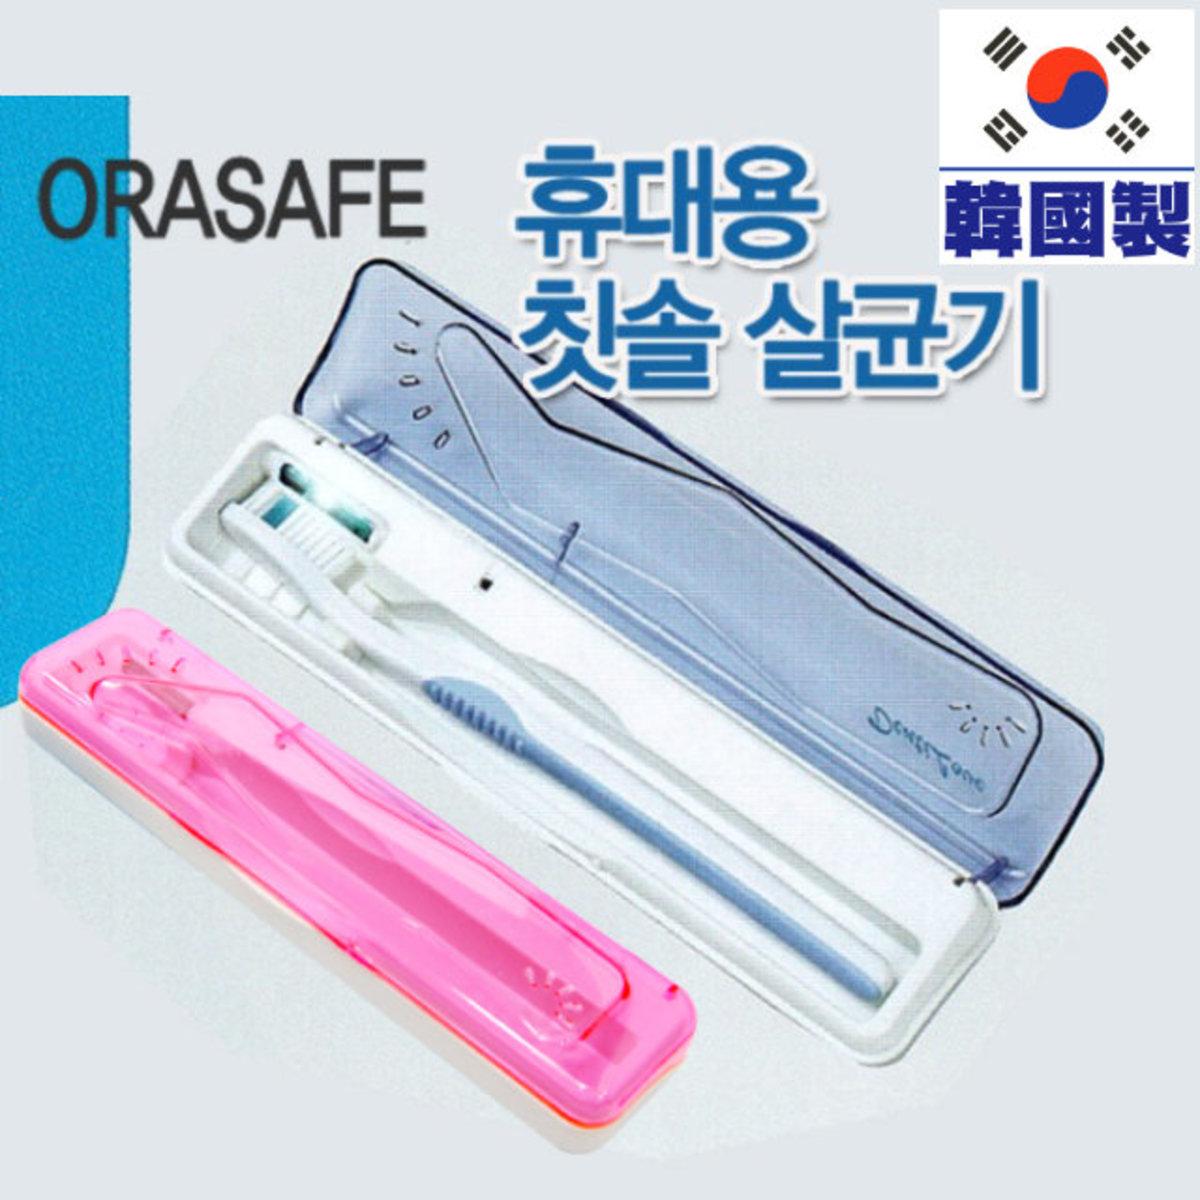 牙刷消毒器|韓國製